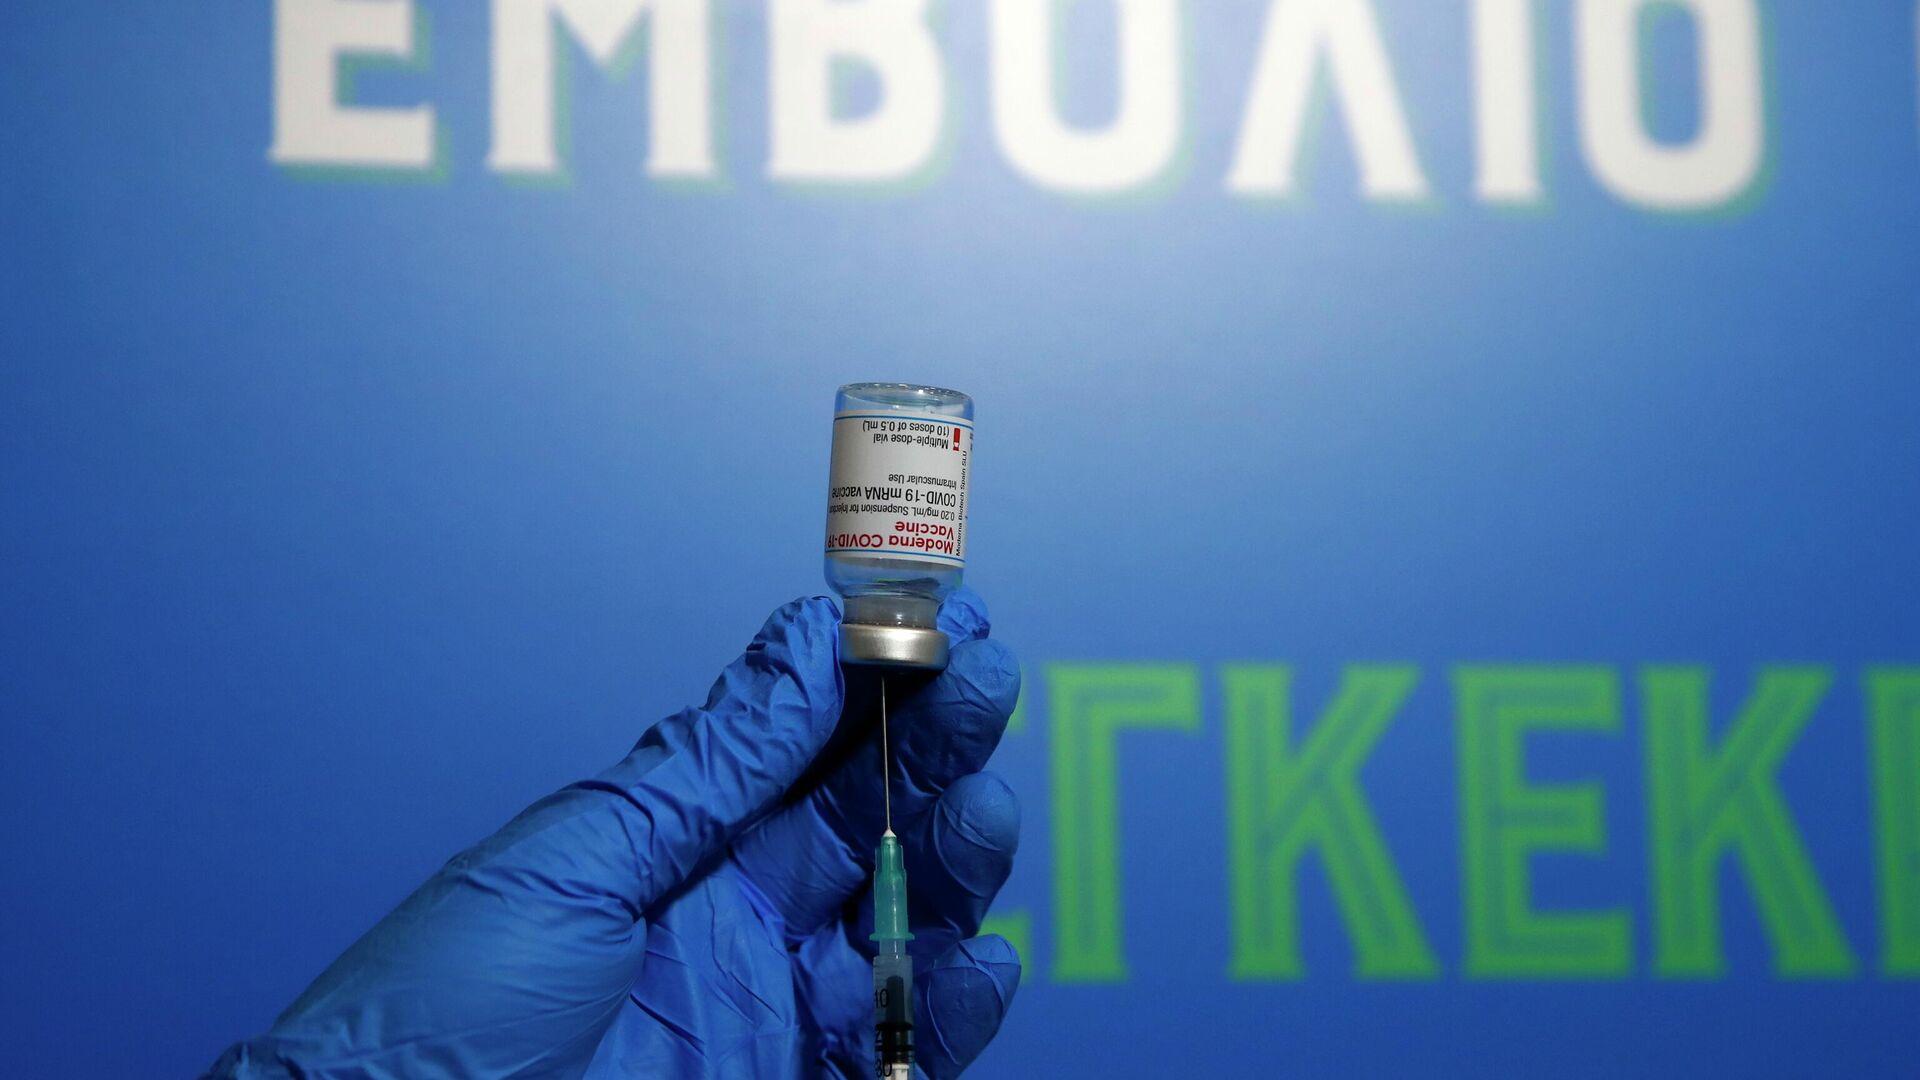 Εμβόλιο της Moderna στο εμβολιαστικό κέντρο Προμηθέας - Sputnik Ελλάδα, 1920, 13.09.2021